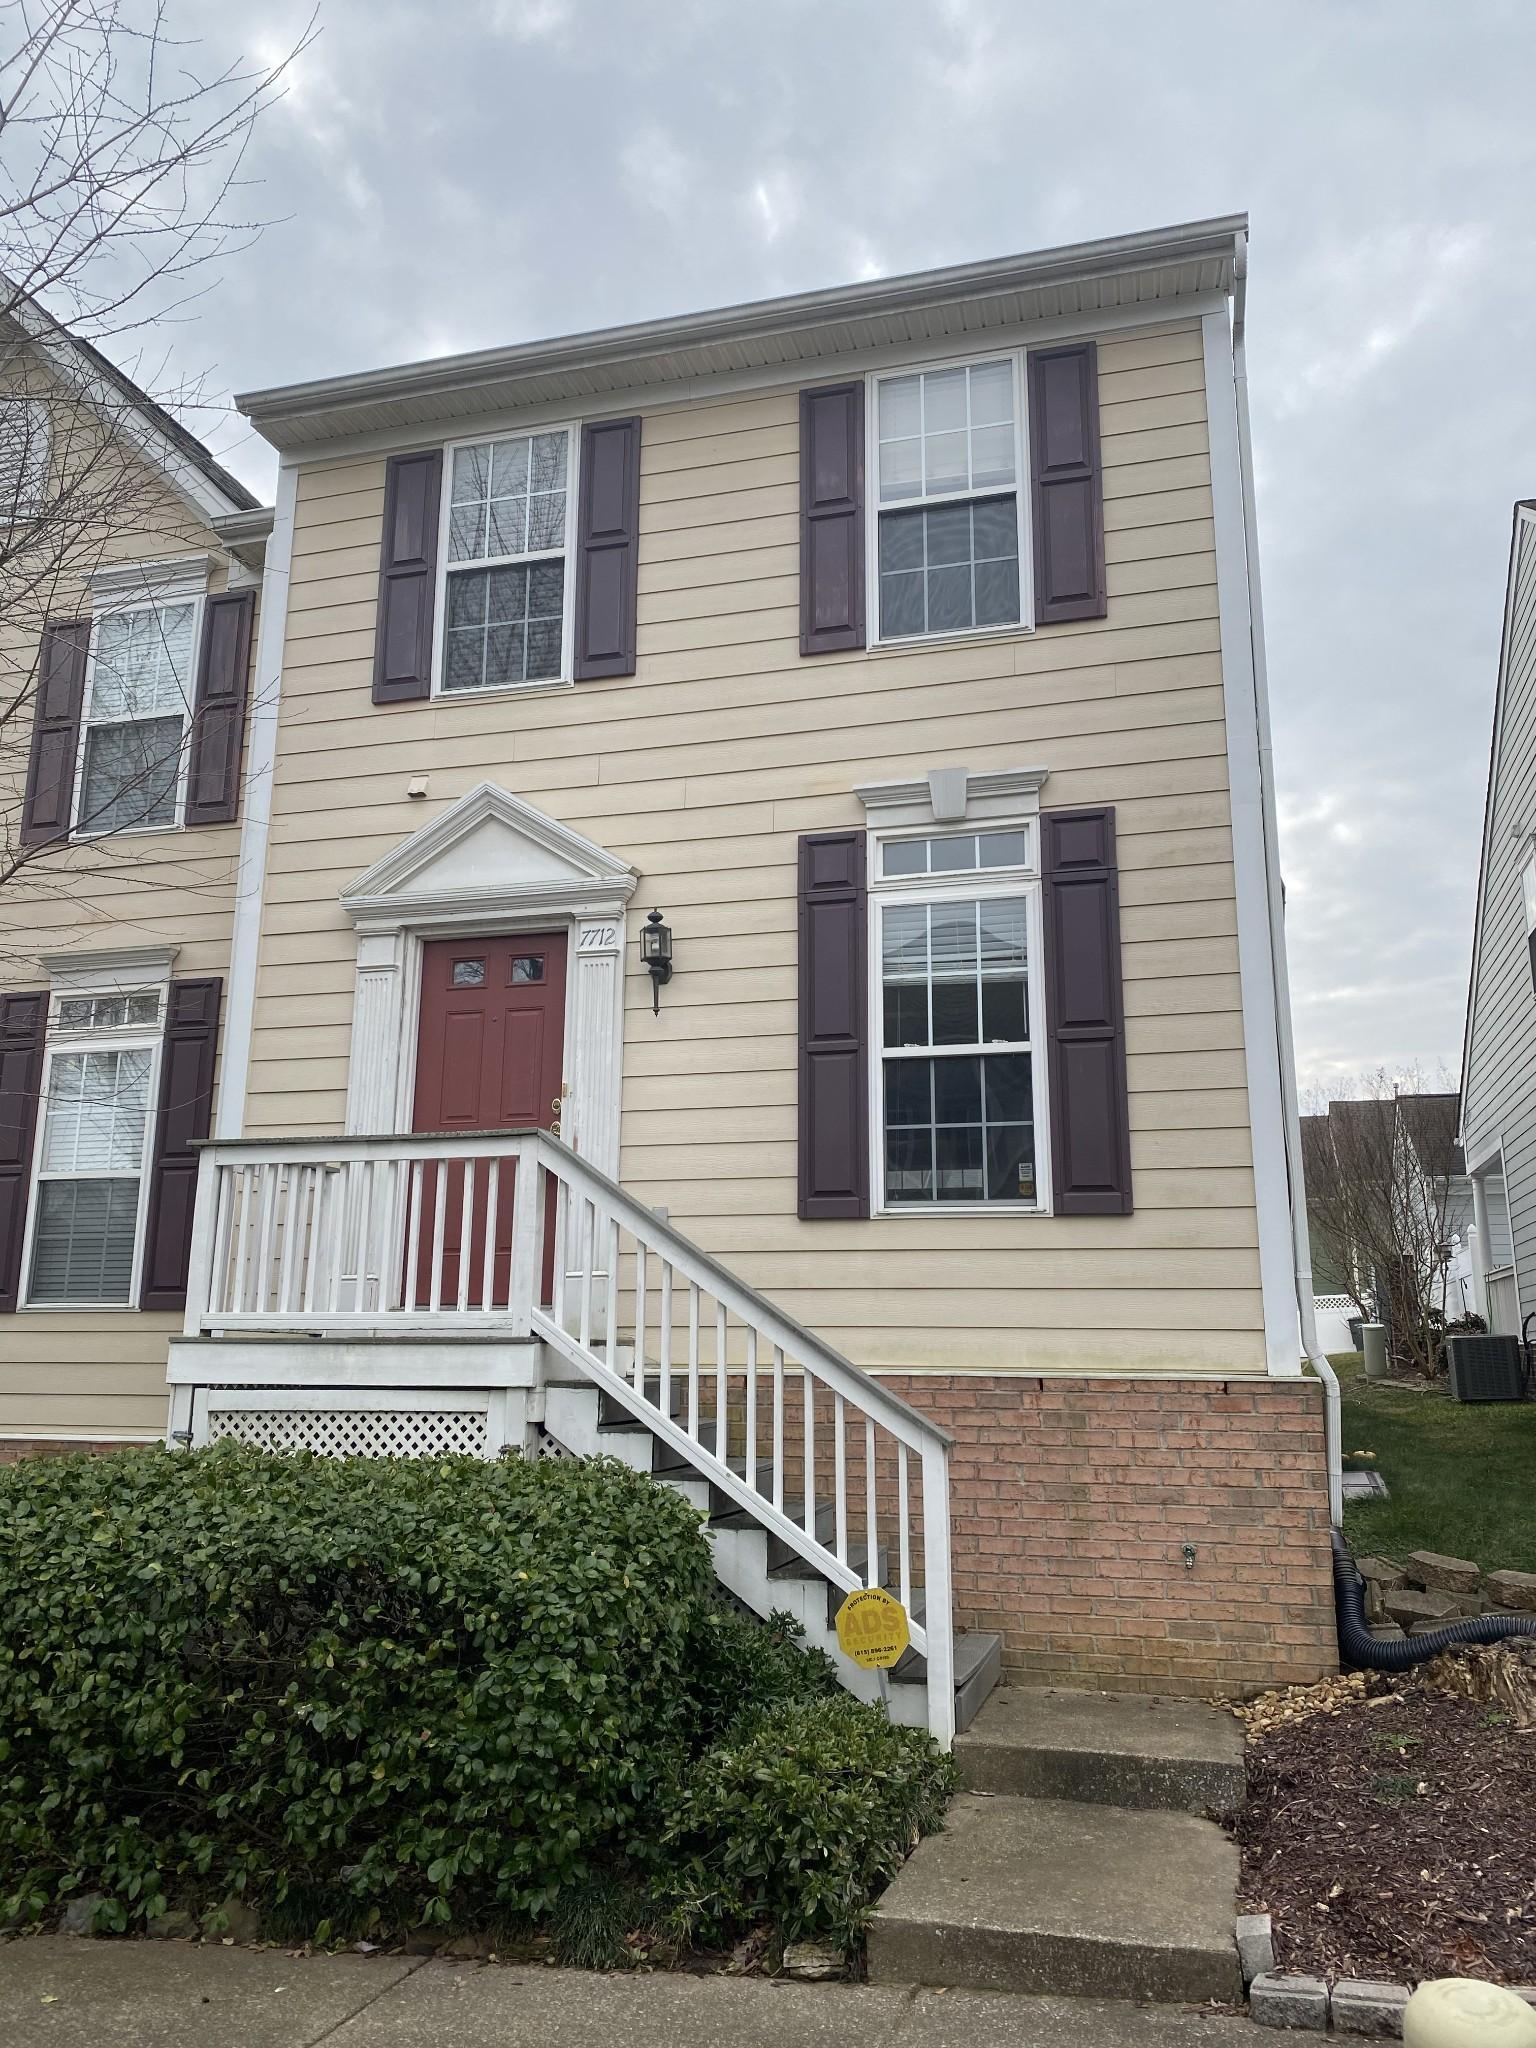 7712 Porter House Dr Property Photo - Nashville, TN real estate listing